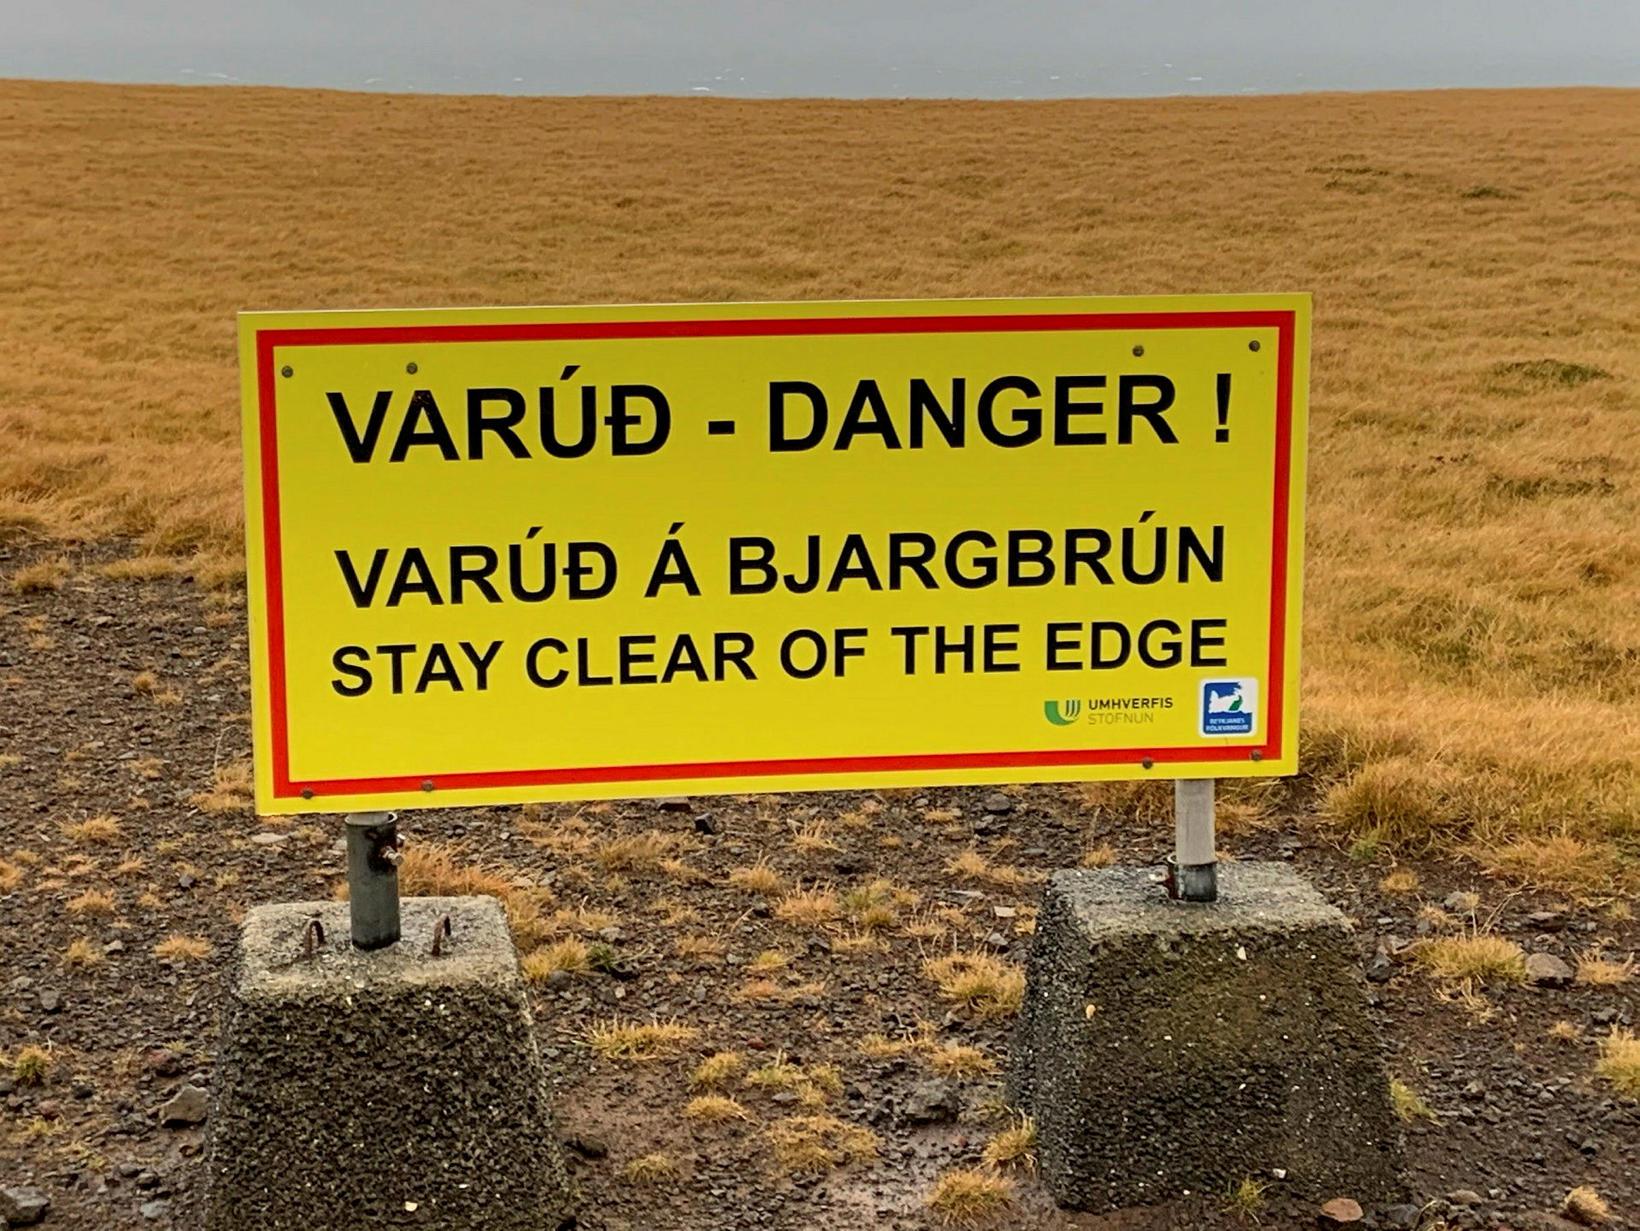 Viðvörunarskilti nærri Krýsuvíkurbergi.